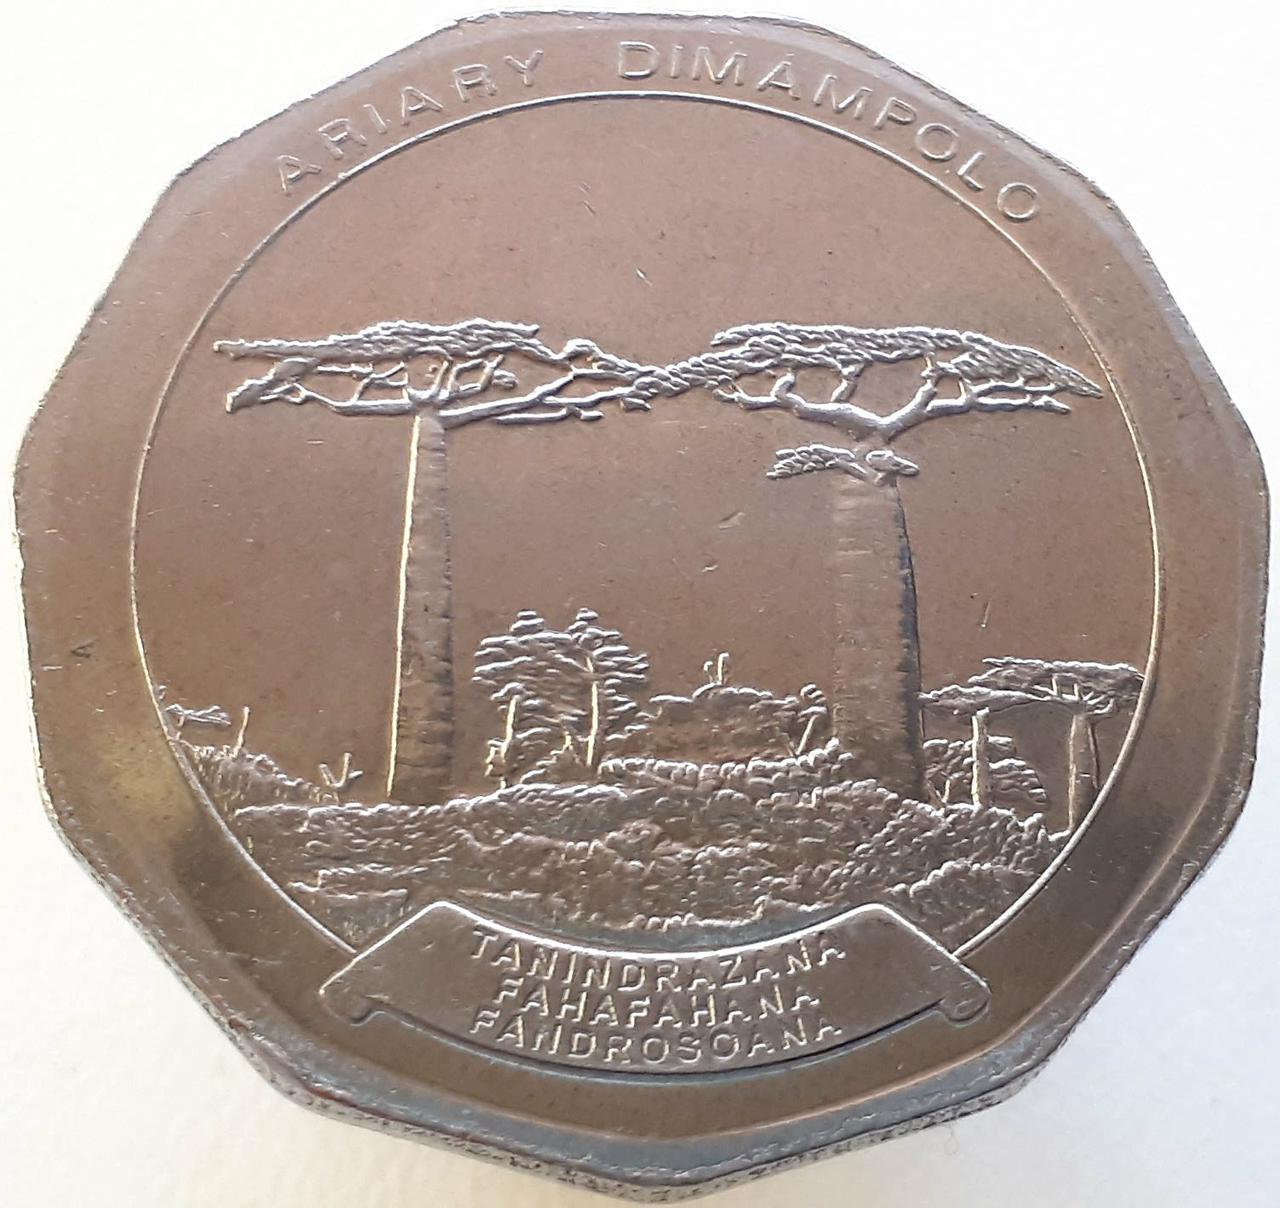 Мадагаскар 50 ариари 2005